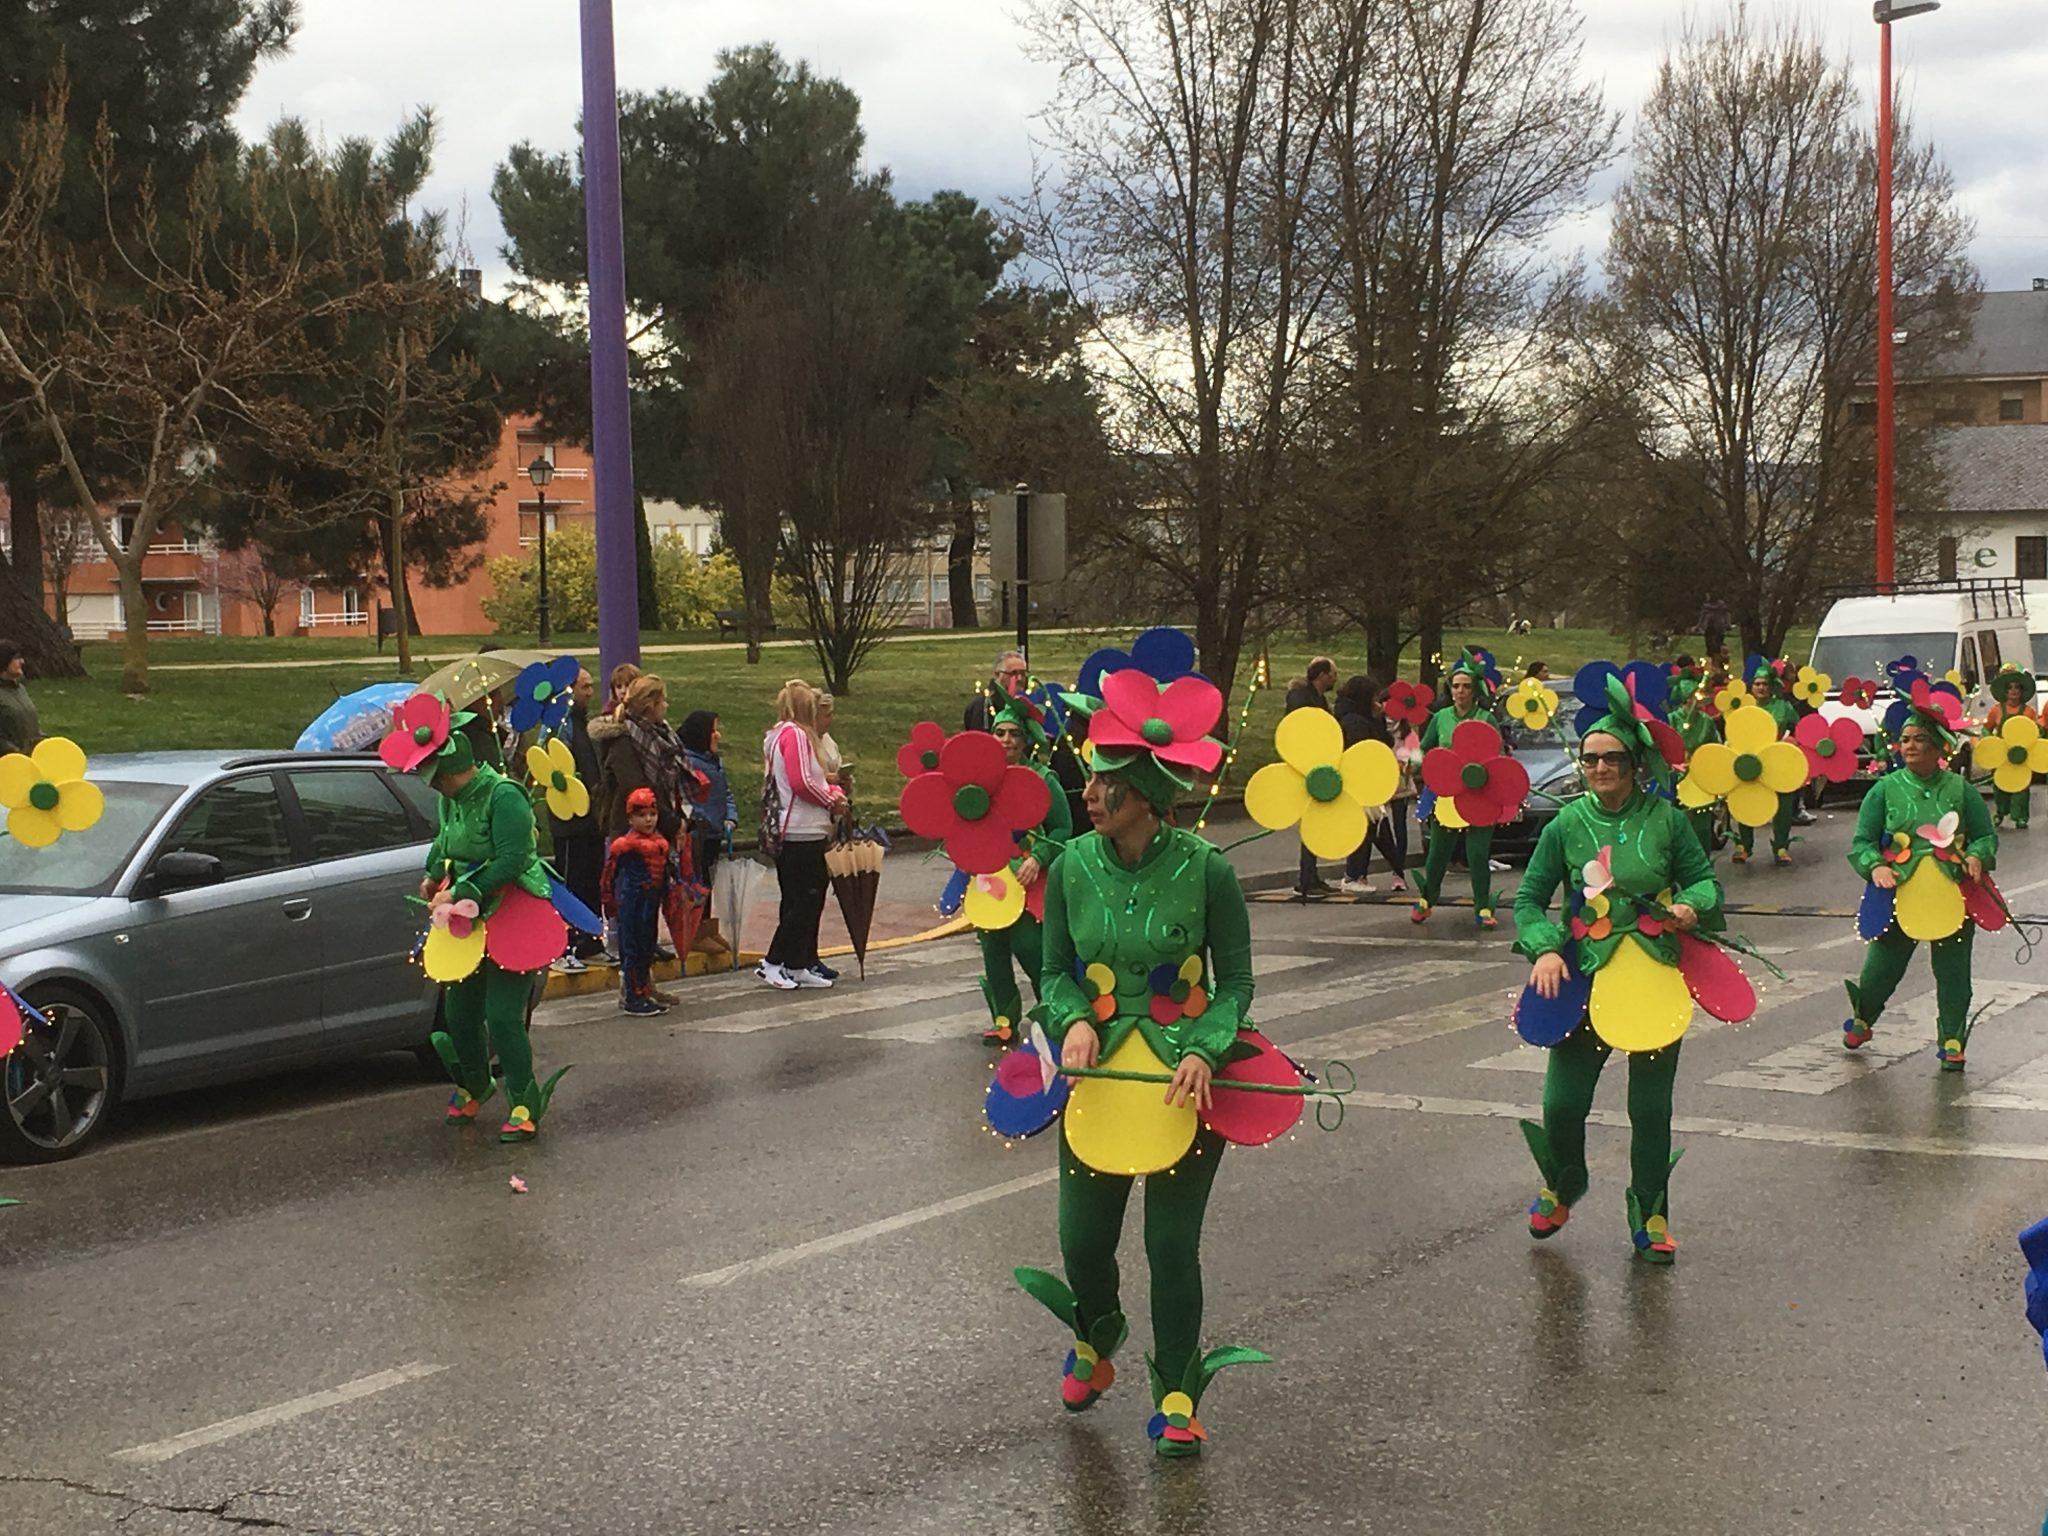 Álbum de fotos del martes de Carnaval 2019 en Ponferrada 54